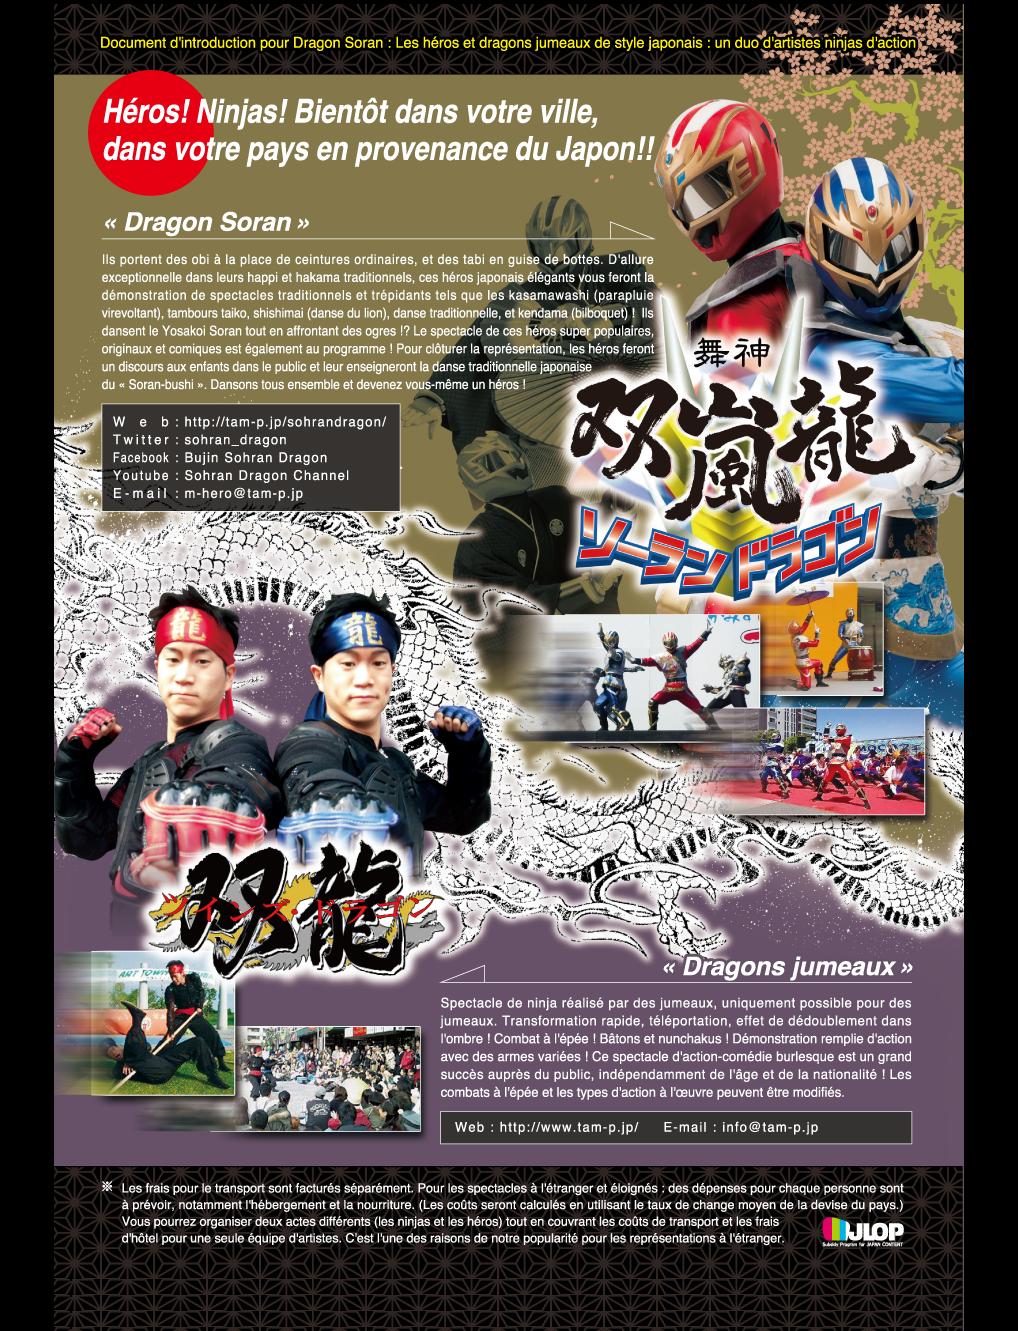 Héros ! Ninjas ! Bientôt dans votre ville, dans votre pays en provenance du Japon !!Document d'introduction pour Dragon Soran : Les héros et dragons jumeaux de style japonais : un duo d'artistes ninjas d'action « Dragon Soran »Ils portent des obi à la place de ceintures ordinaires, et des tabi en guise de bottes. D'allure exceptionnelle dans leurs happi et hakama traditionnels, ces héros japonais élégants vous feront la démonstration de spectacles traditionnels et trépidants tels que les kasamawashi (parapluie virevoltant), tambours taiko, shishimai (danse du lion), danse traditionnelle, et kendama (bilboquet) !Ils dansent le Yosakoi Soran tout en affrontant des ogres !? Le spectacle de ces héros super populaires, originaux et comiques est également au programme ! Pour clôturer la représentation, les héros feront un discours aux enfants dans le public et leur enseigneront la danse traditionnelle japonaise du « Soran-bushi ». Dansons tous ensemble et devenez vous-même un héros !Double spectacle (traditionnel du japon et autres démonstrations) (deux héros, un assistant - soit un total de trois personnes) : 120 000 ¥ jusqu'à deux représentations par jour.Mini-spectacle de héros (deux héros, un ogre, deux assistants - soit un total de cinq personnes) : 200 000 ¥ jusqu'à deux représentations par jour.Spectacle de héros (deux héros, trois ogres, trois assistants - soit un total de huit personnes) : 300 000 ¥ jusqu'à deux représentations par jour.« Dragons jumeaux »Spectacle de ninja réalisé par des jumeaux, uniquement possible pour des jumeaux.Transformation rapide, téléportation, effet de dédoublement dans l'ombre ! Combat à l'épée ! Bâtons et nunchakus ! Démonstration remplie d'action avec des armes variées ! Ce spectacle d'action-comédie burlesque est un grand succès auprès du public, indépendamment de l'âge et de la nationalité ! Les combats à l'épée et les types d'action à l'œuvre peuvent être modifiés.Spectacle des jumeaux ninjas (deux ninjas, un assistant - soit un